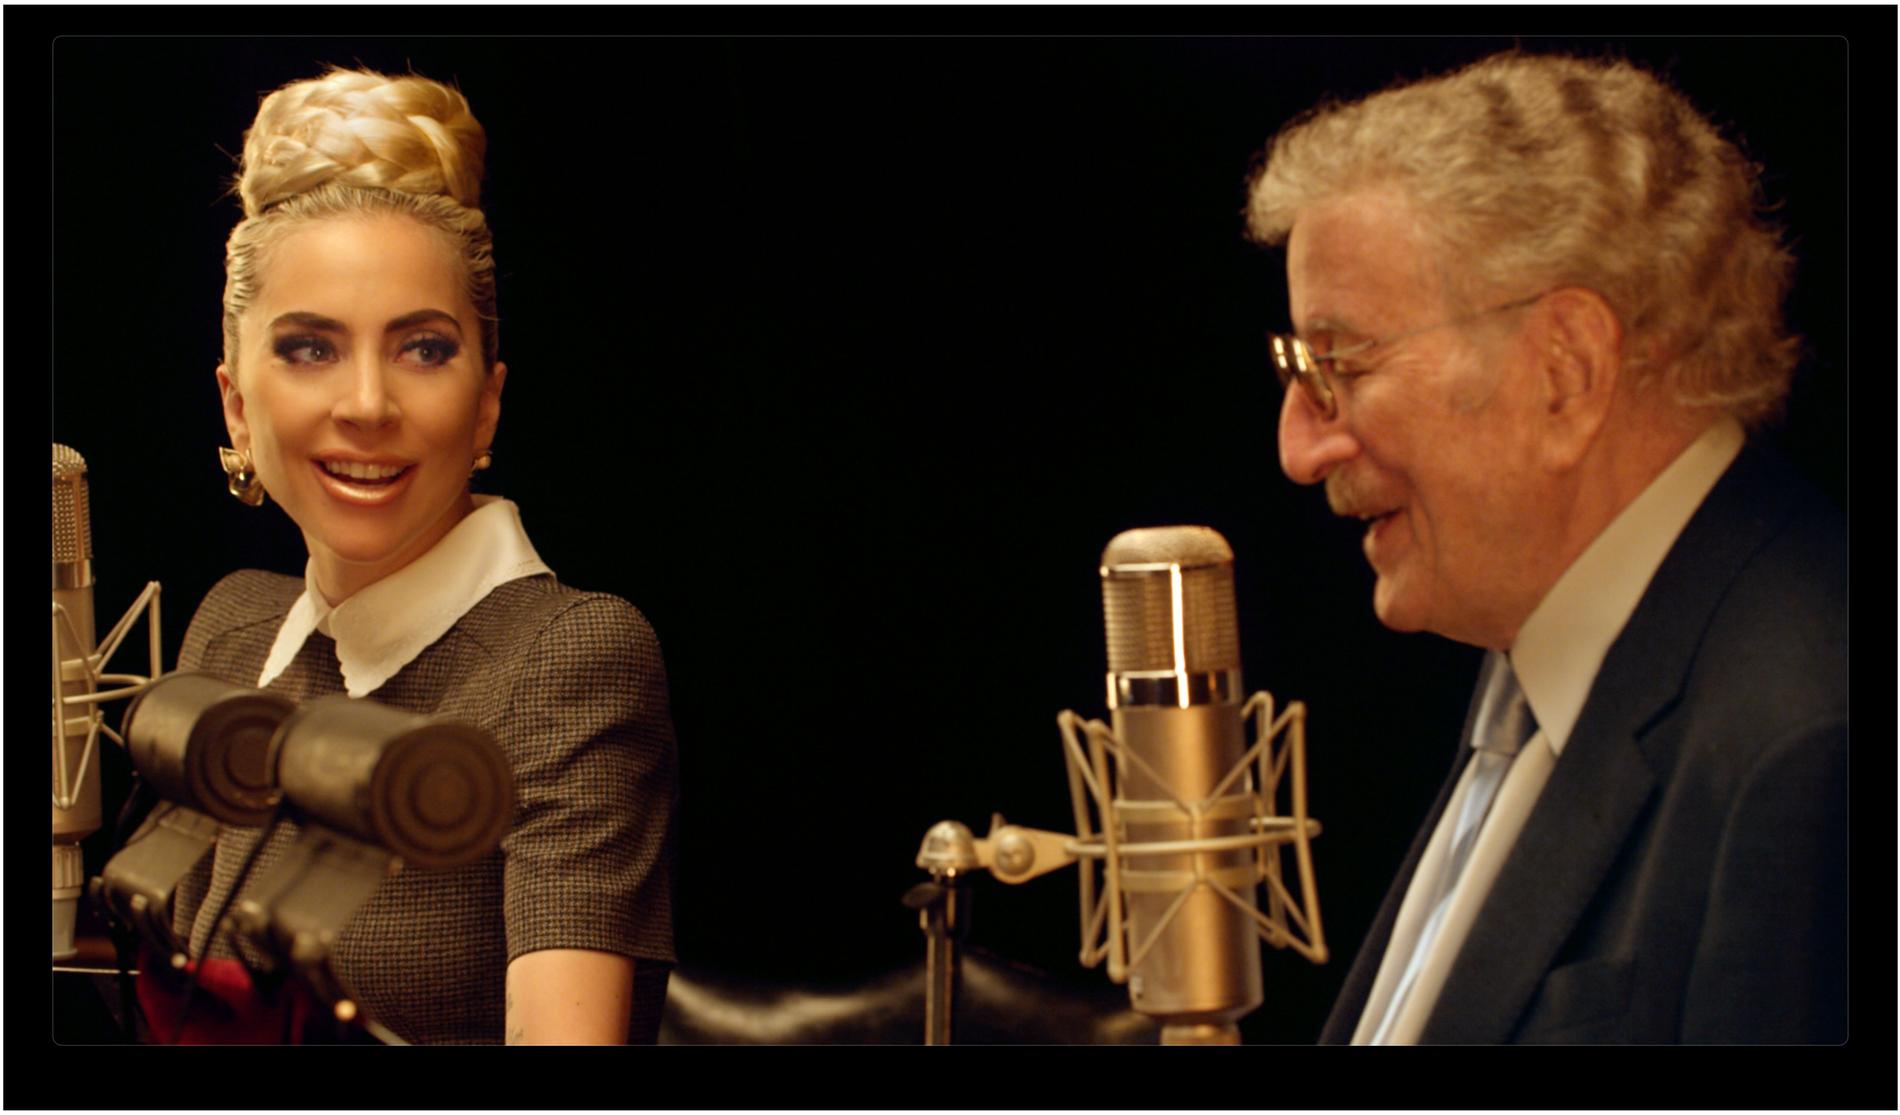 Croonern Tony Bennett säger hej då till karriären tillsammans med Lady Gaga.